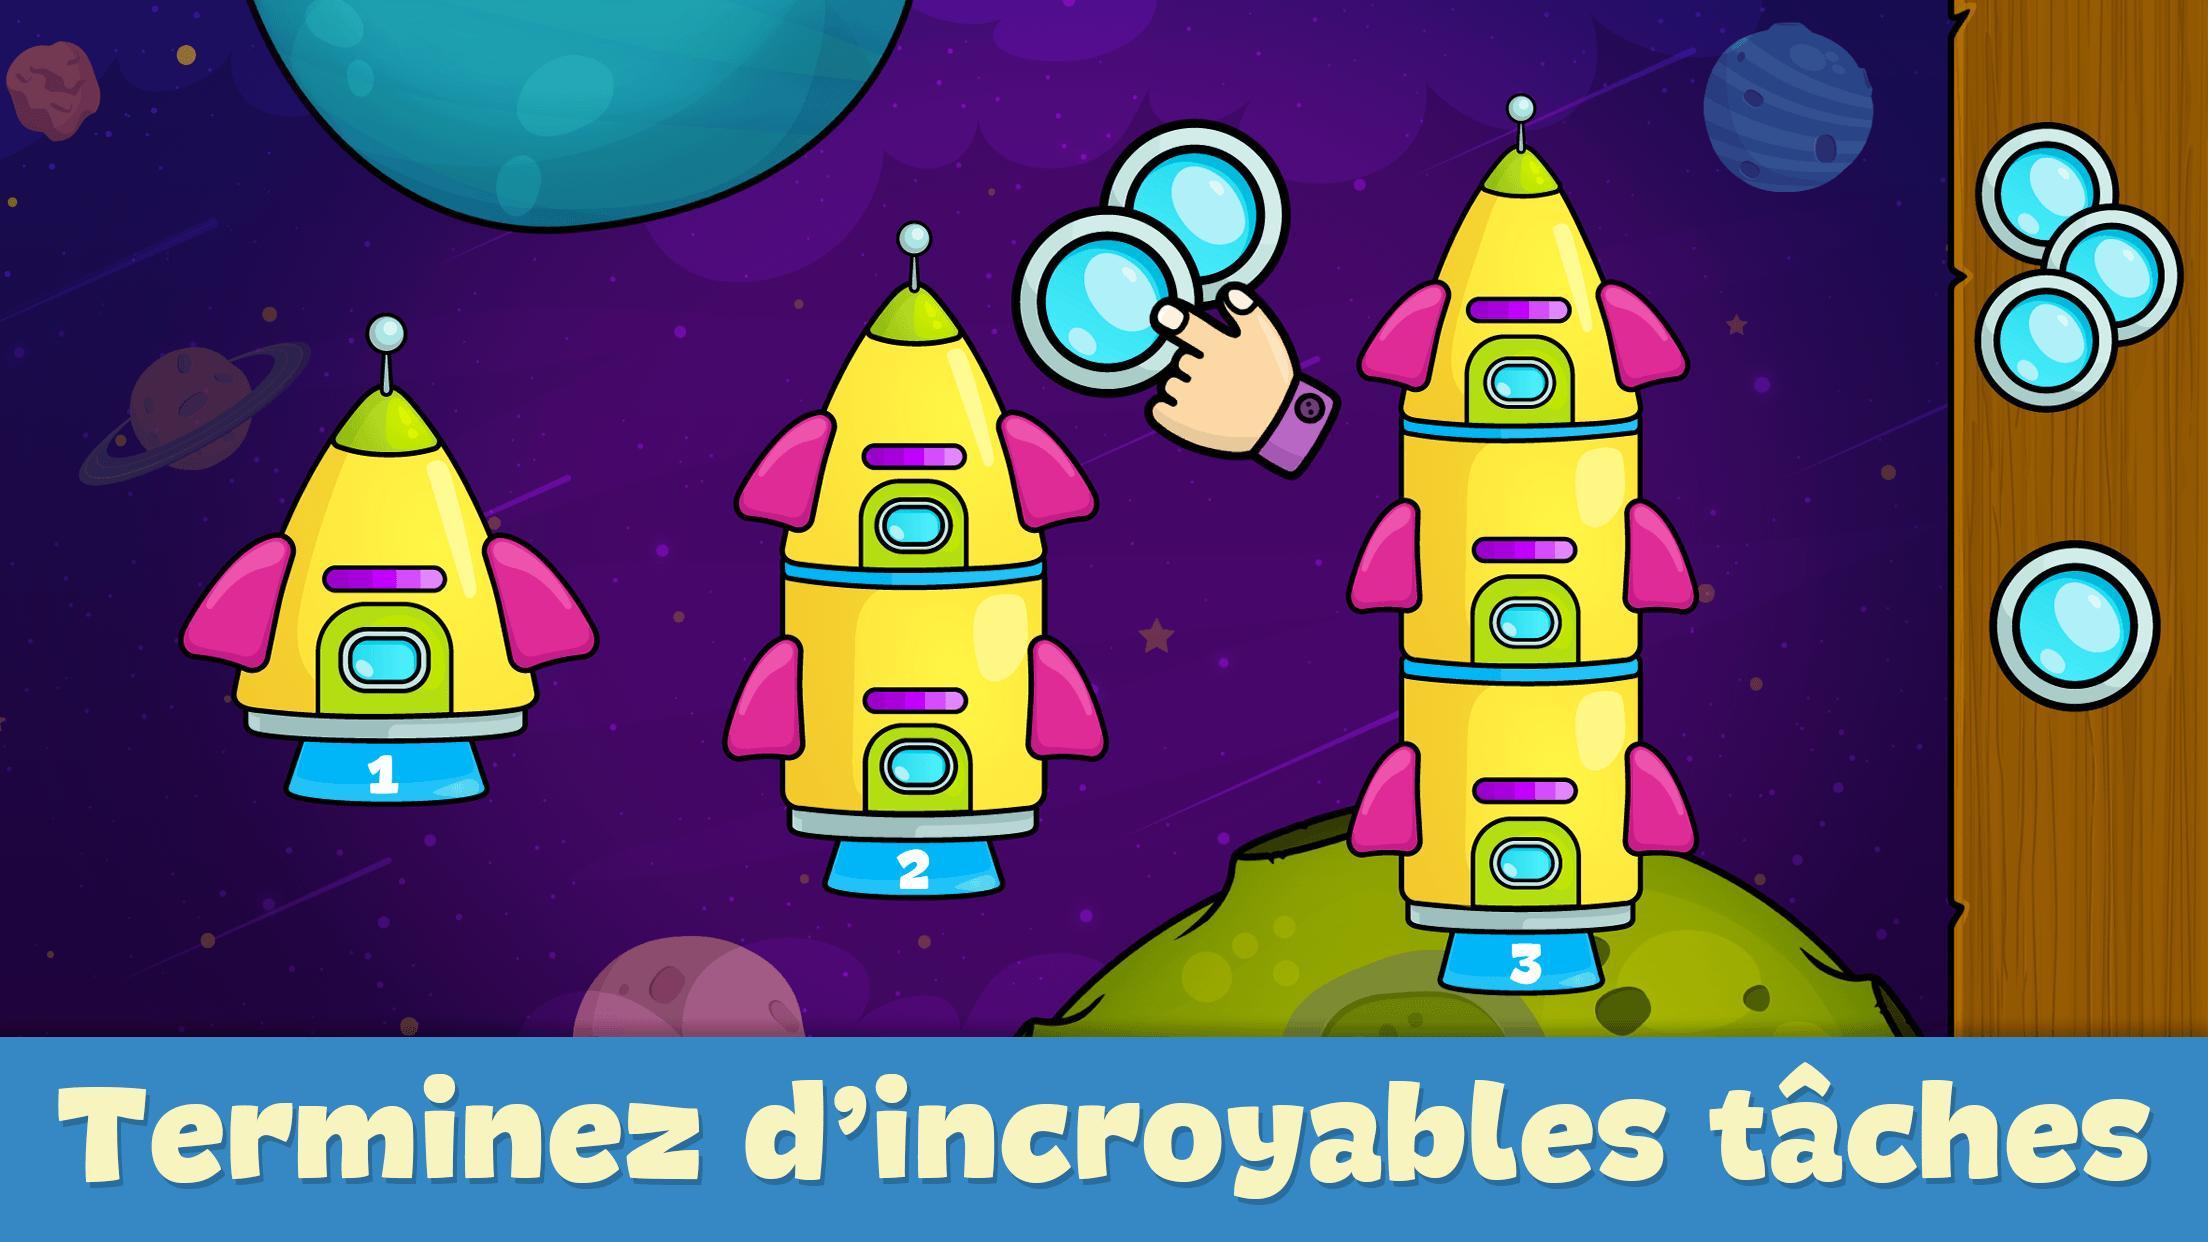 Jeux Pour Enfants 2 - 5 Ans Pour Android - Téléchargez L'apk encequiconcerne Jeux Gratuits Pour Bebe De 3 Ans